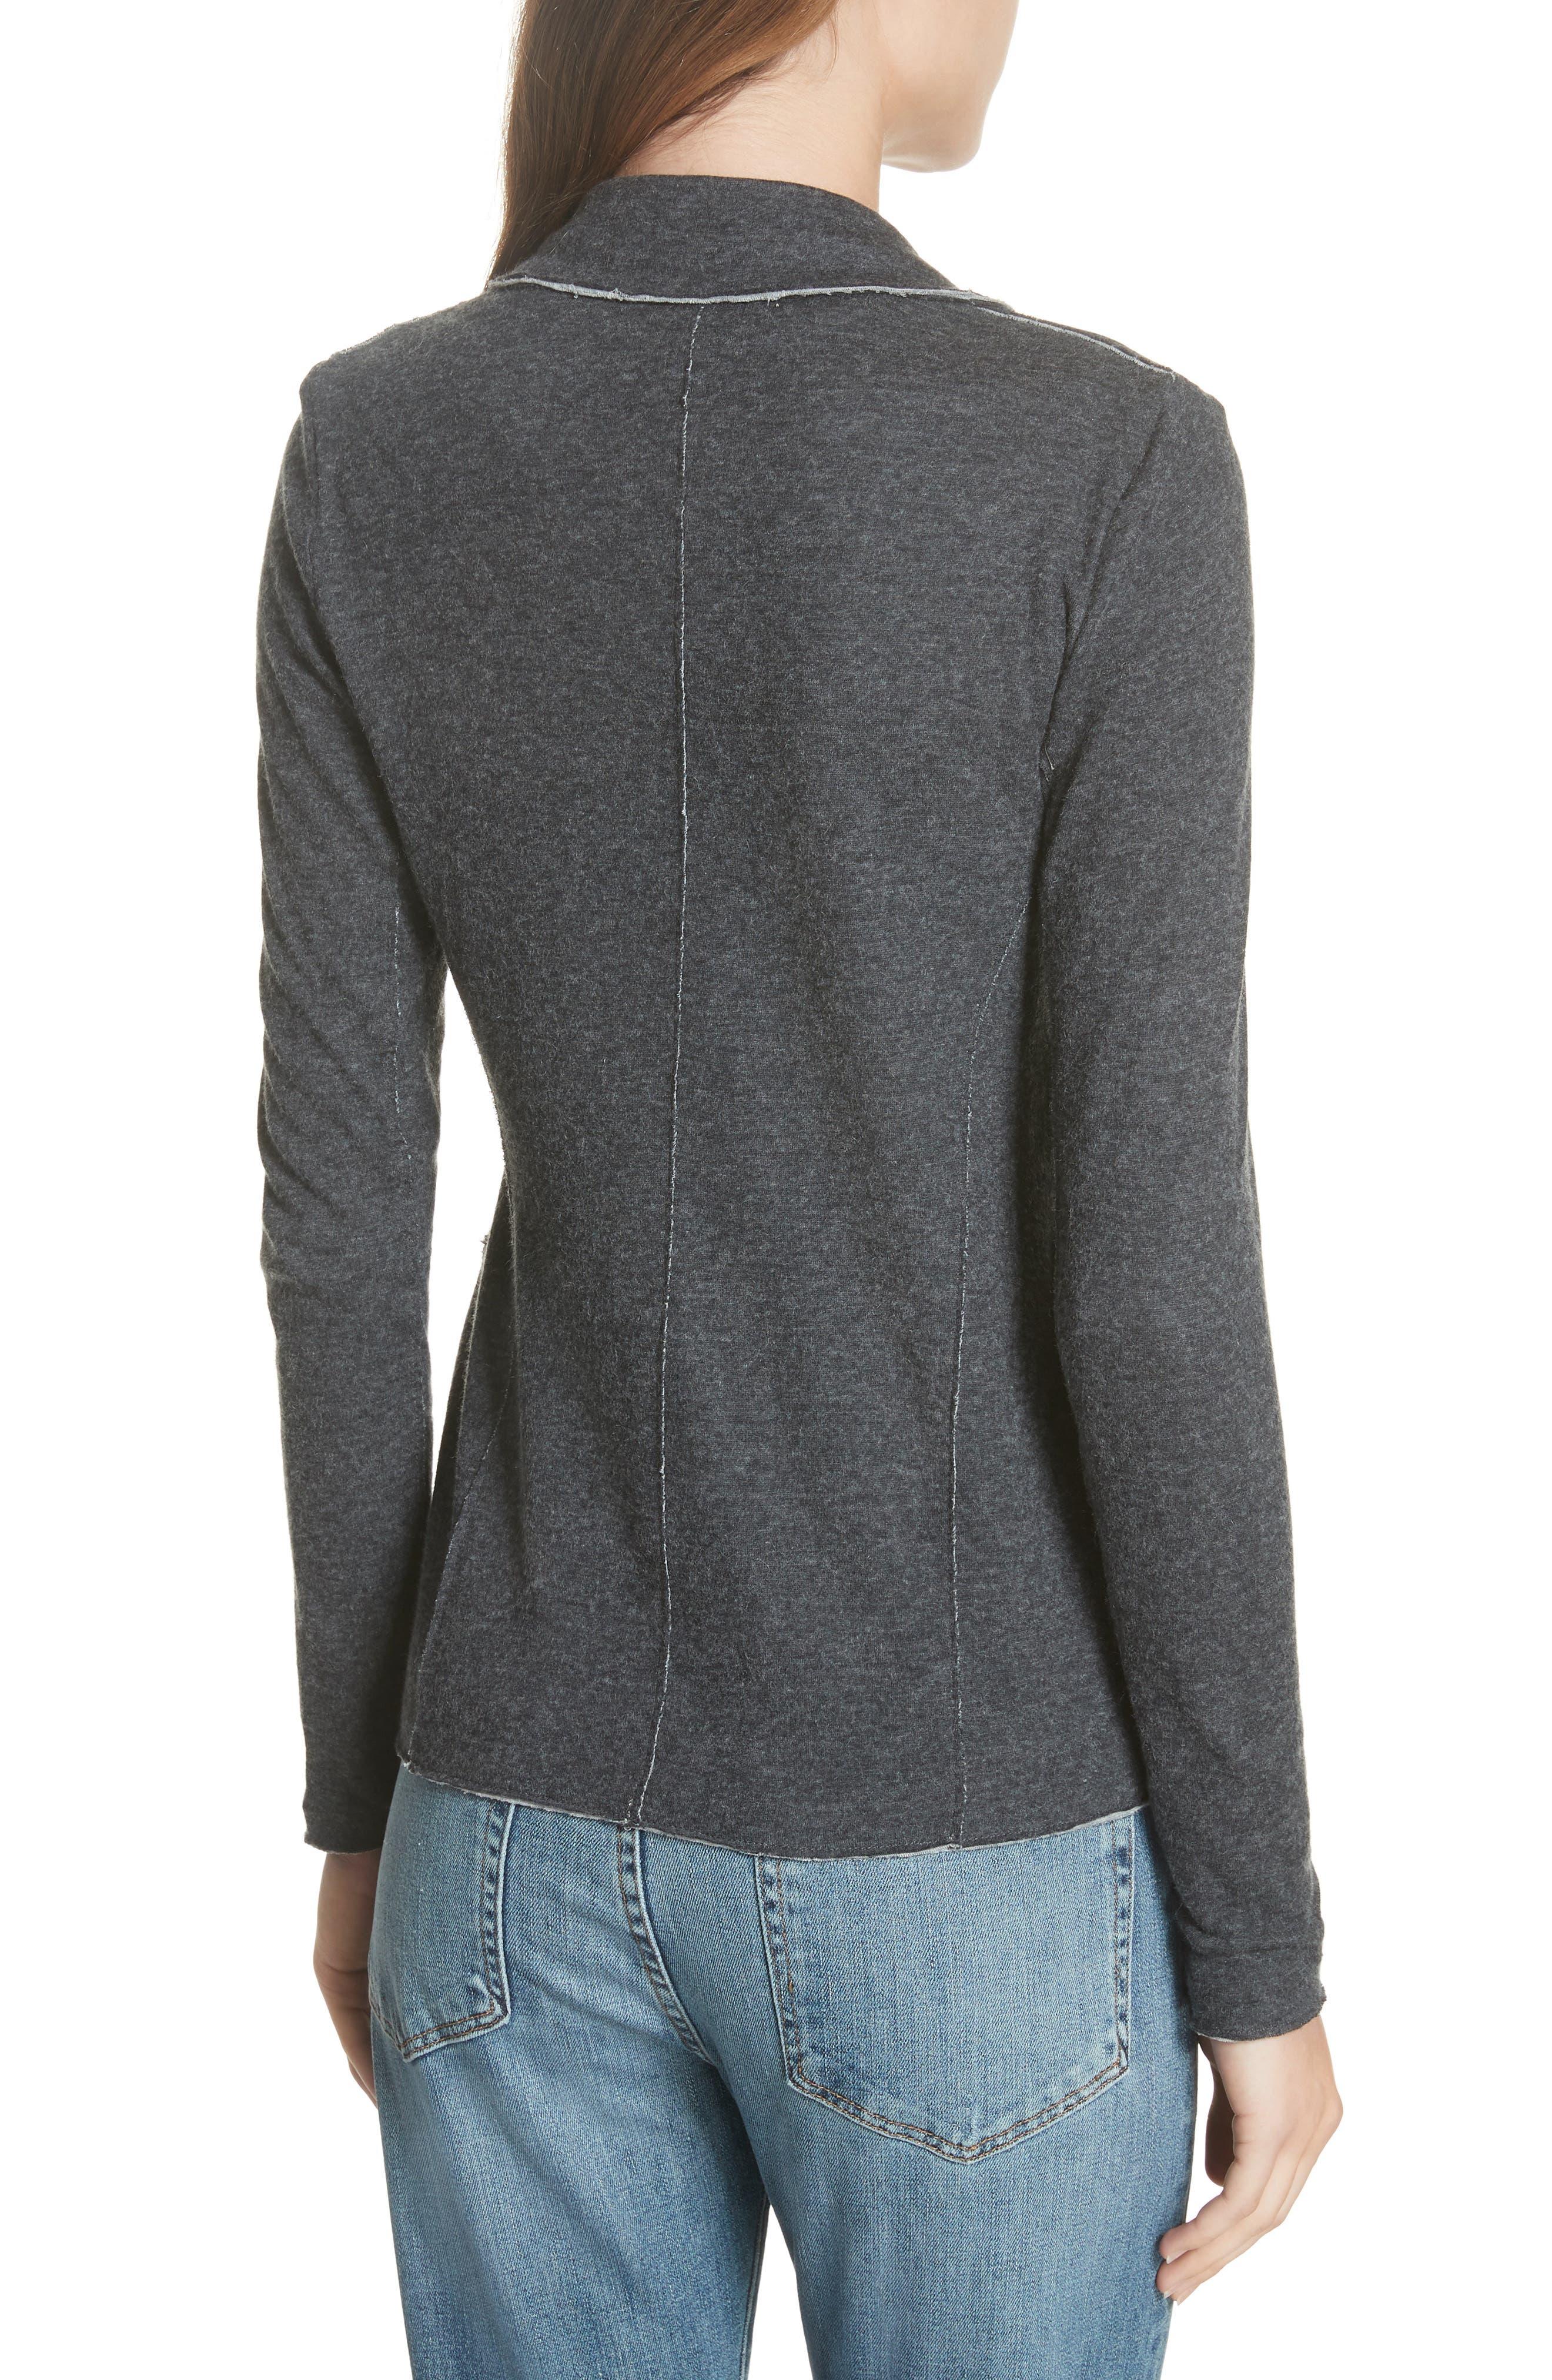 Cotton & Cashmere Blazer,                             Alternate thumbnail 2, color,                             ANTHRACITE CH/ GRIS CH